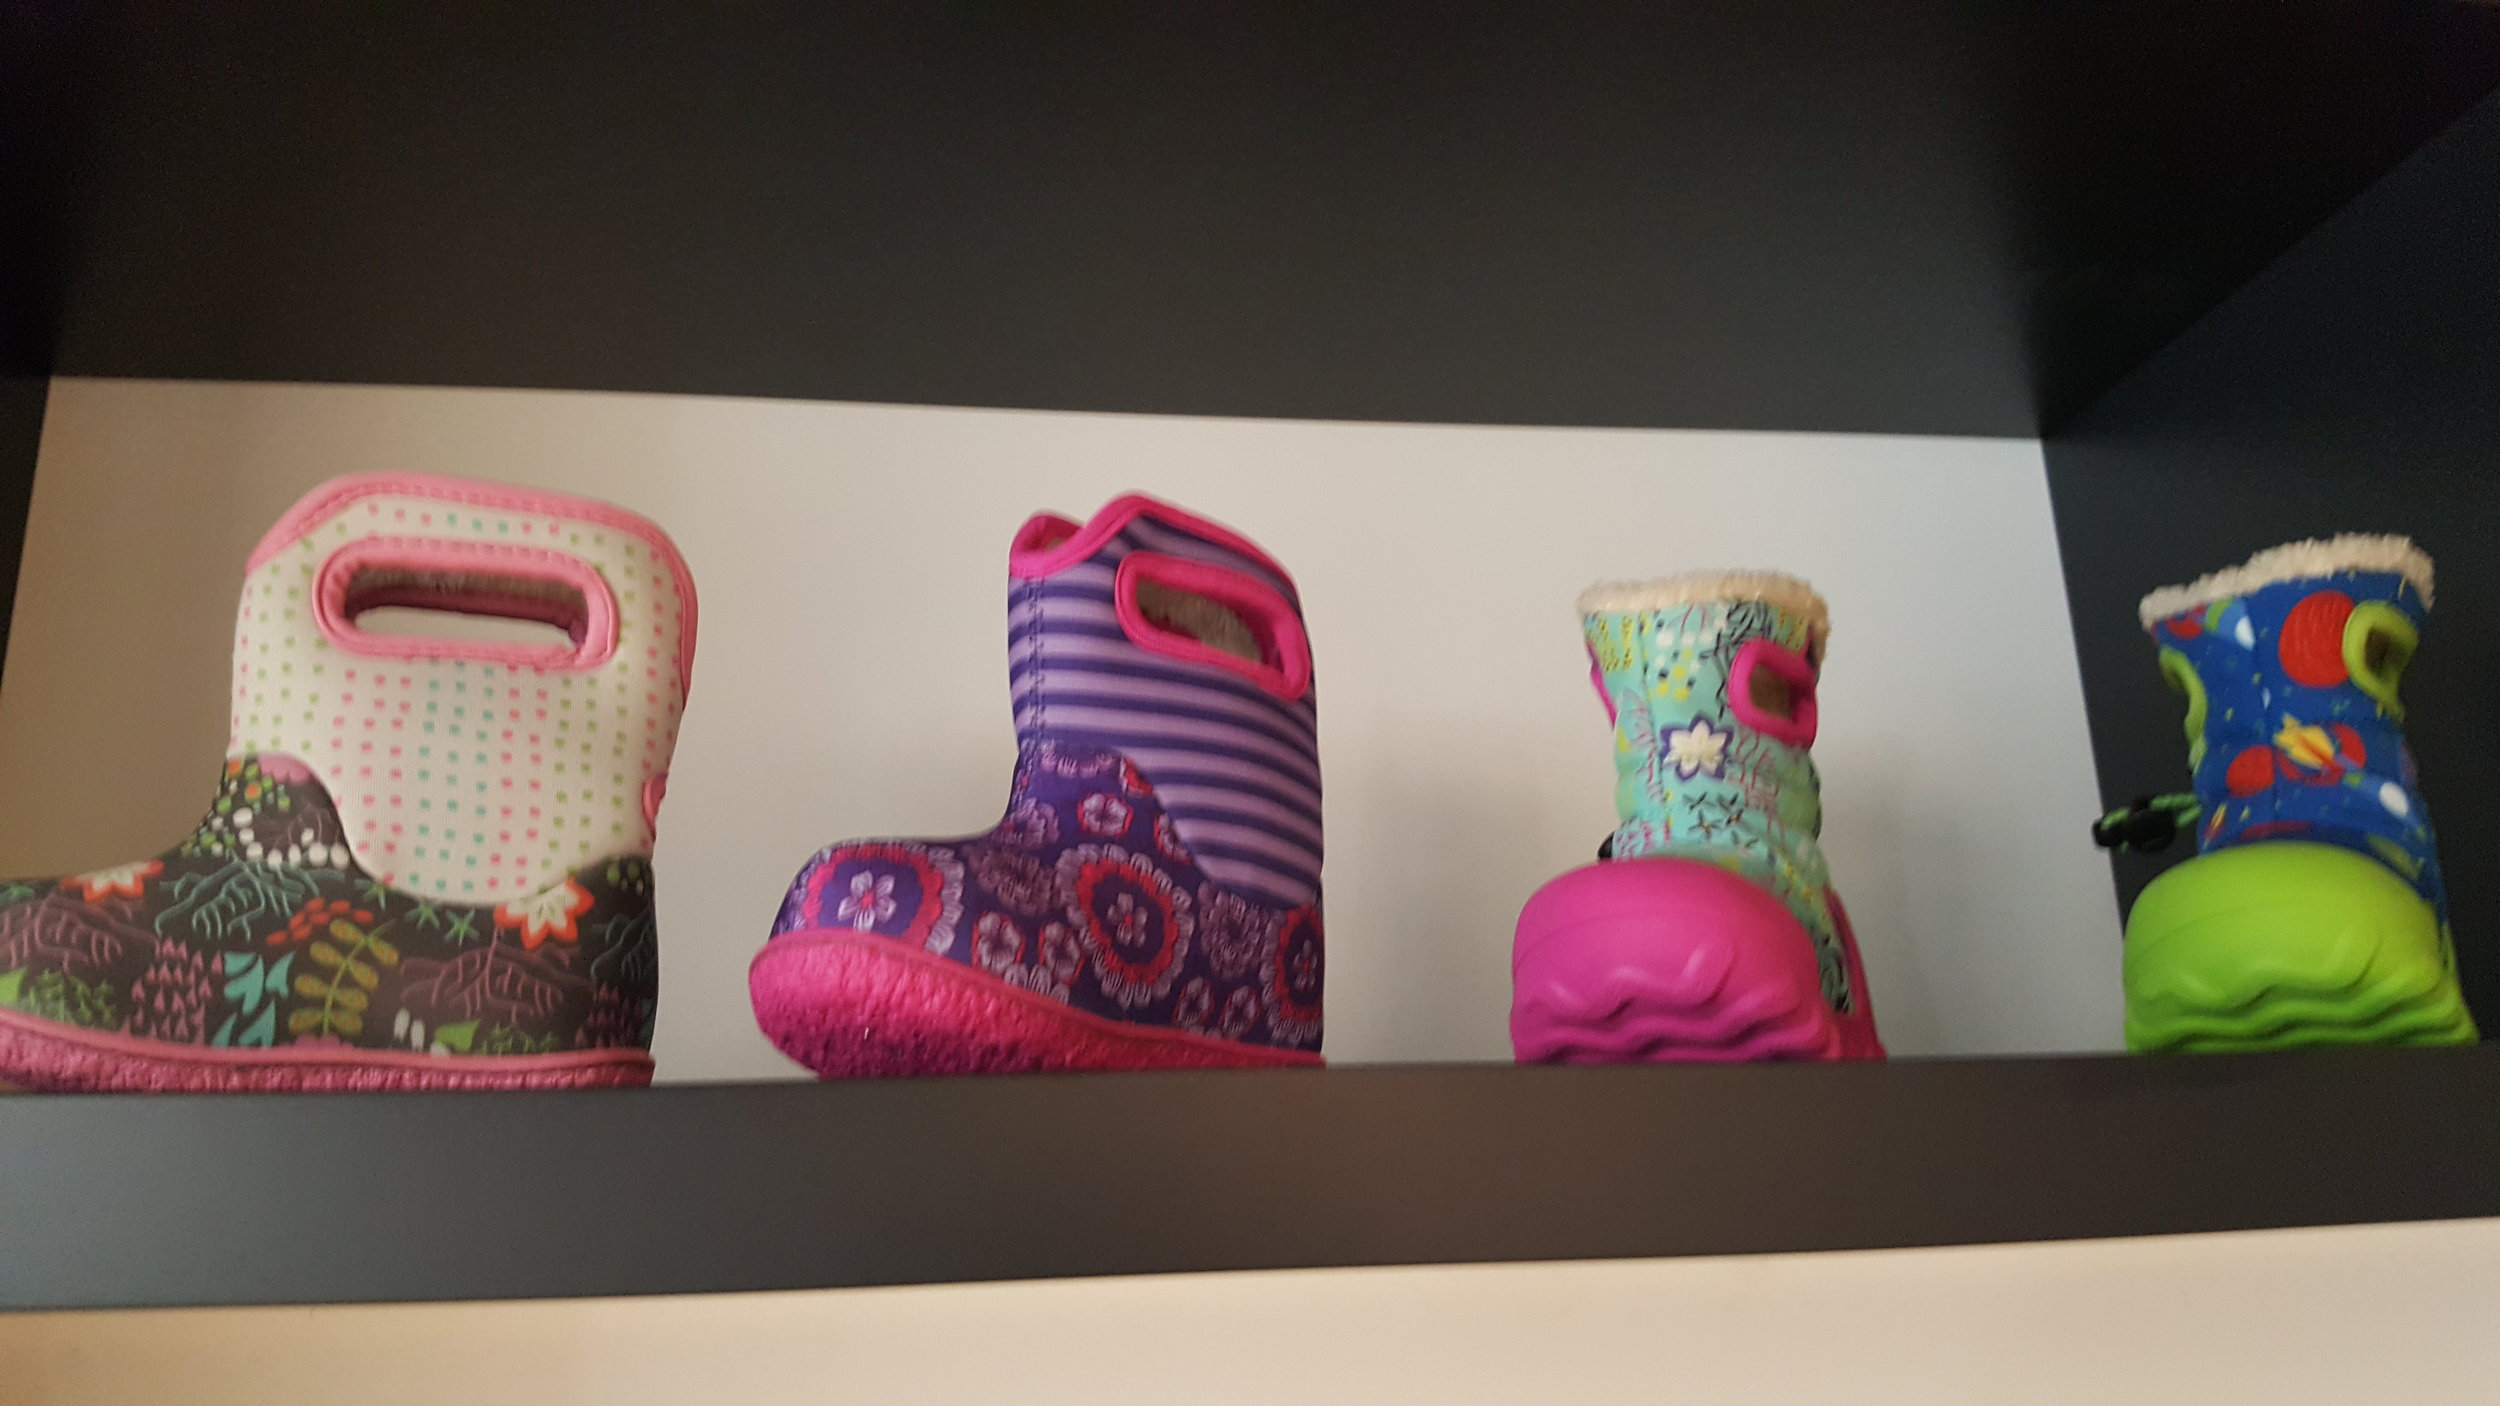 @Bogs footwear